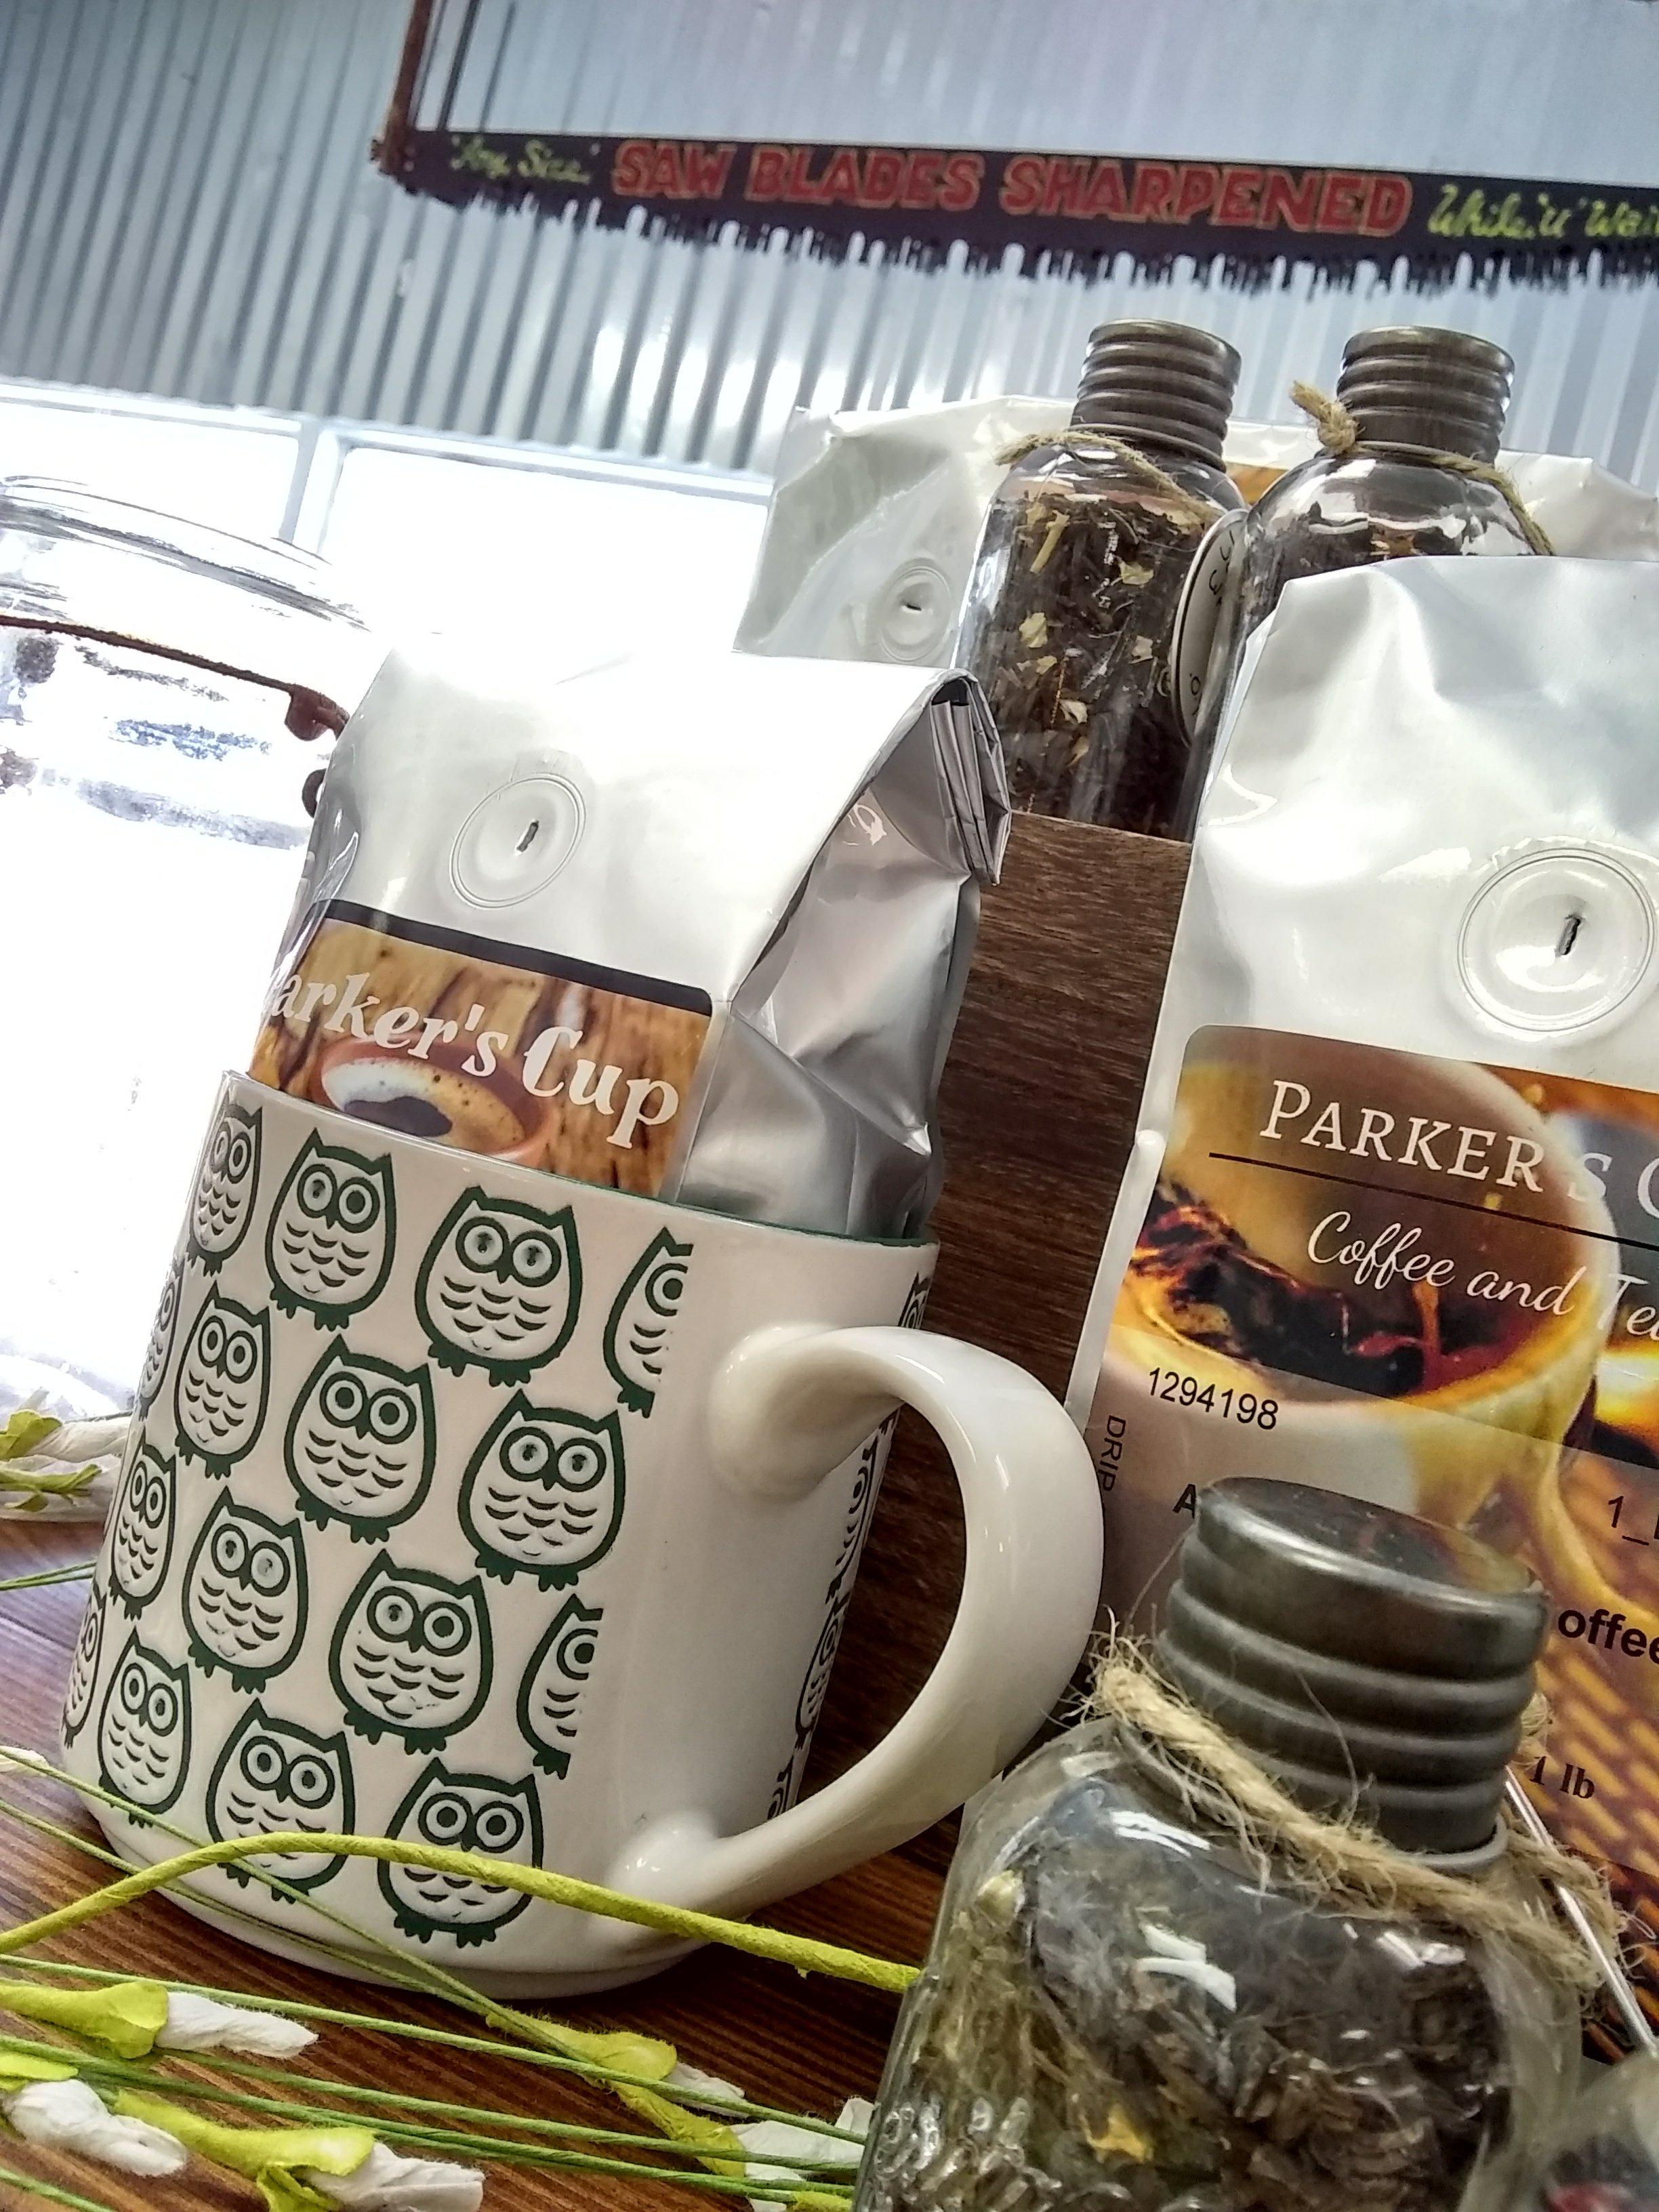 Parker's Cup